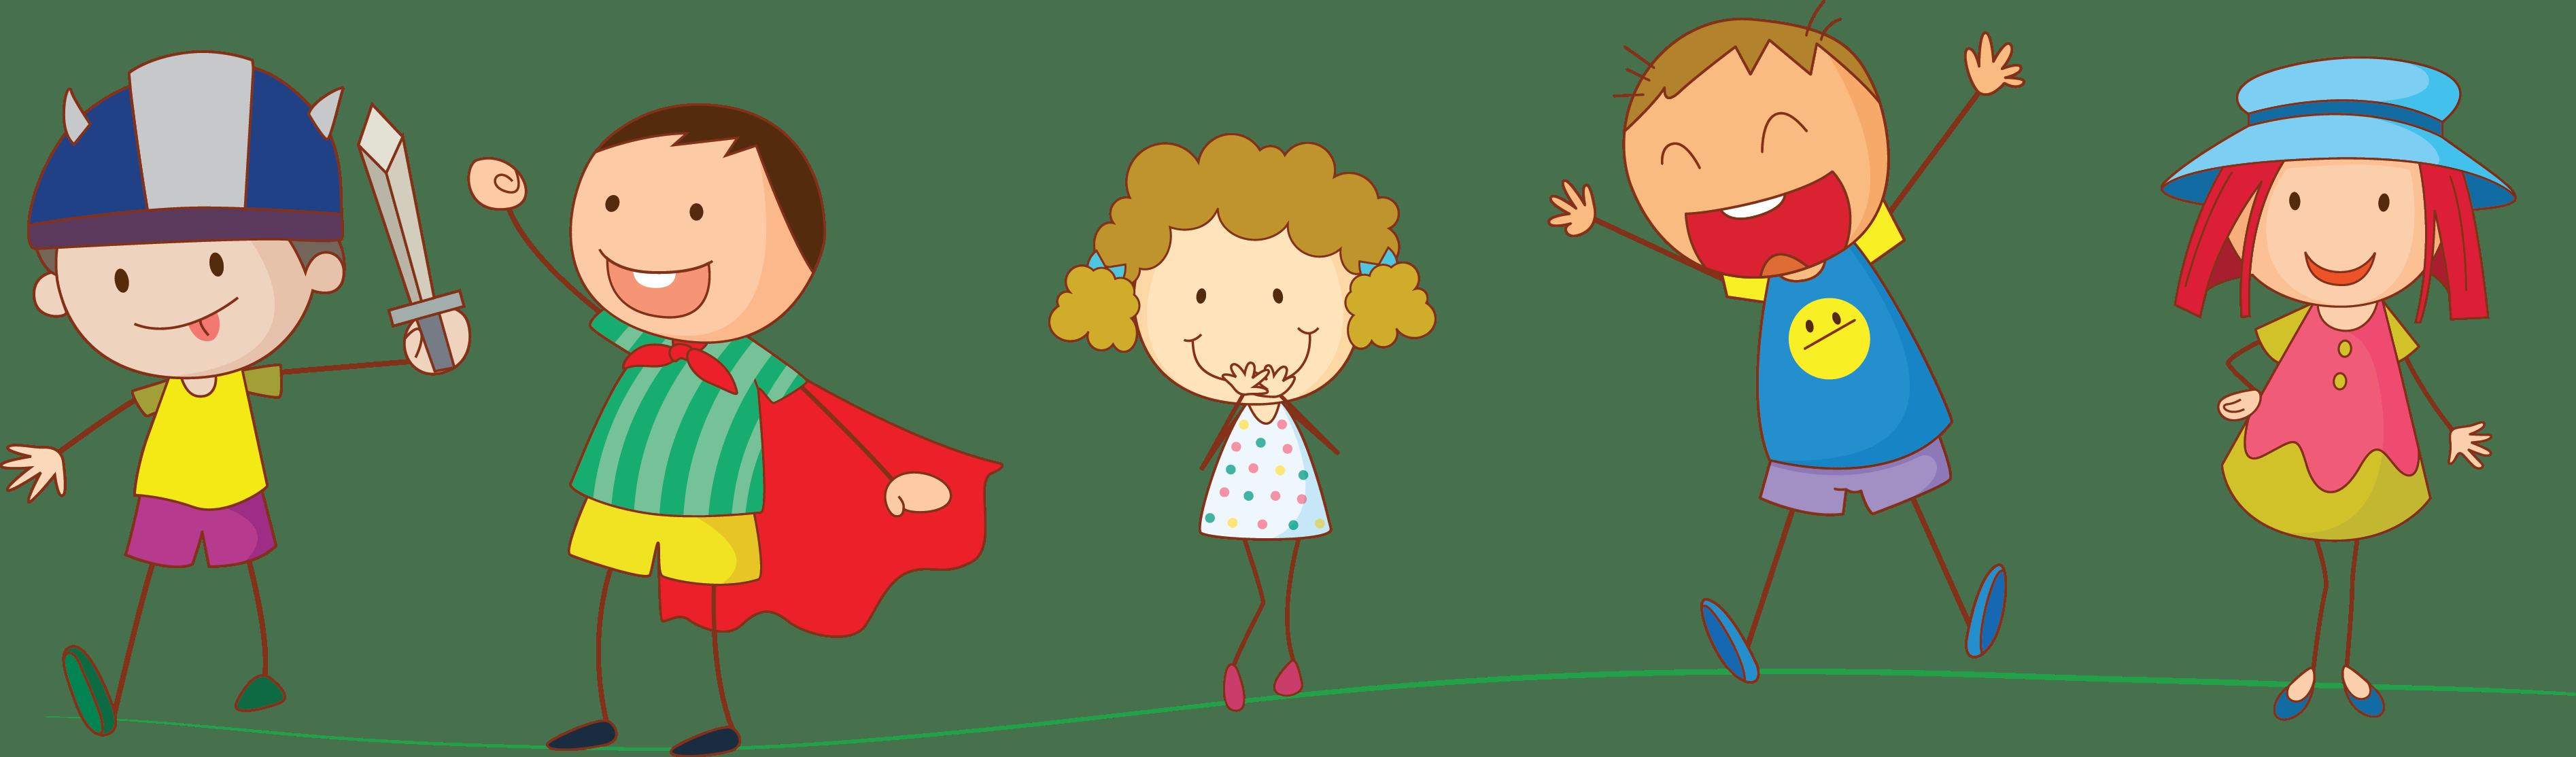 Criancas Adultos E Idosos Clinica Medica De Alergias